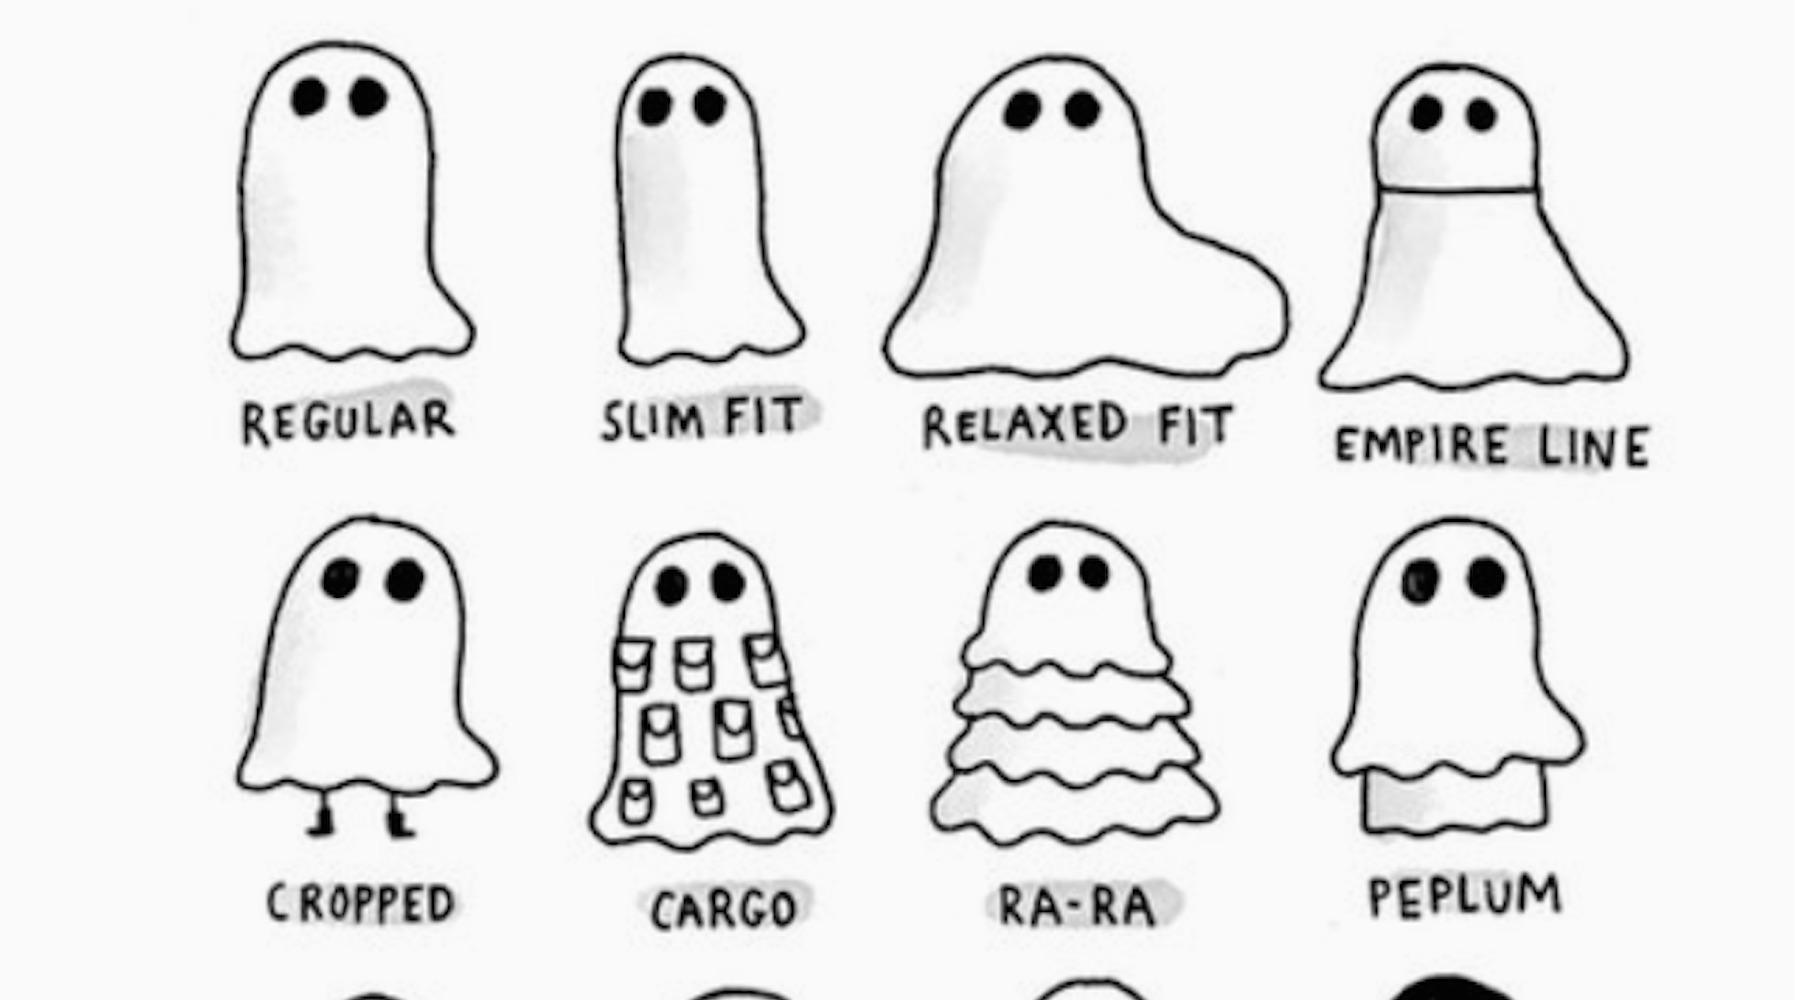 ghosts-1508469114106-1508469116804.jpg